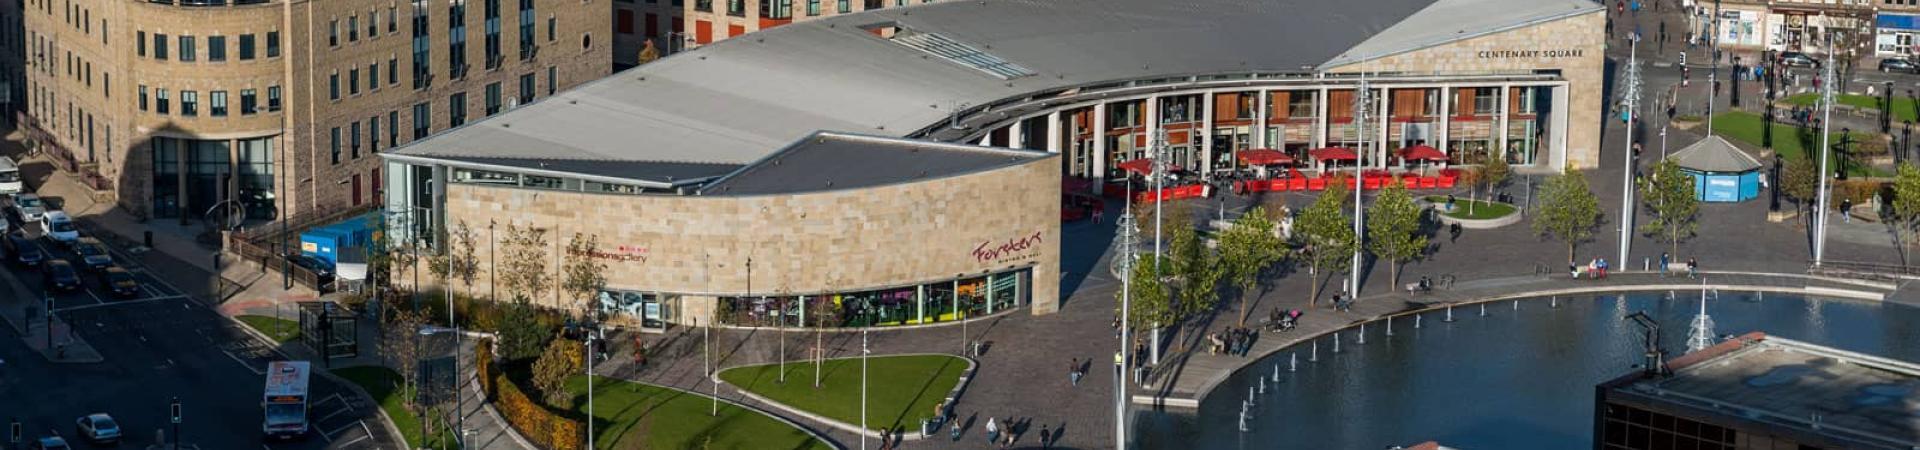 aerial shot of Bradford city centre